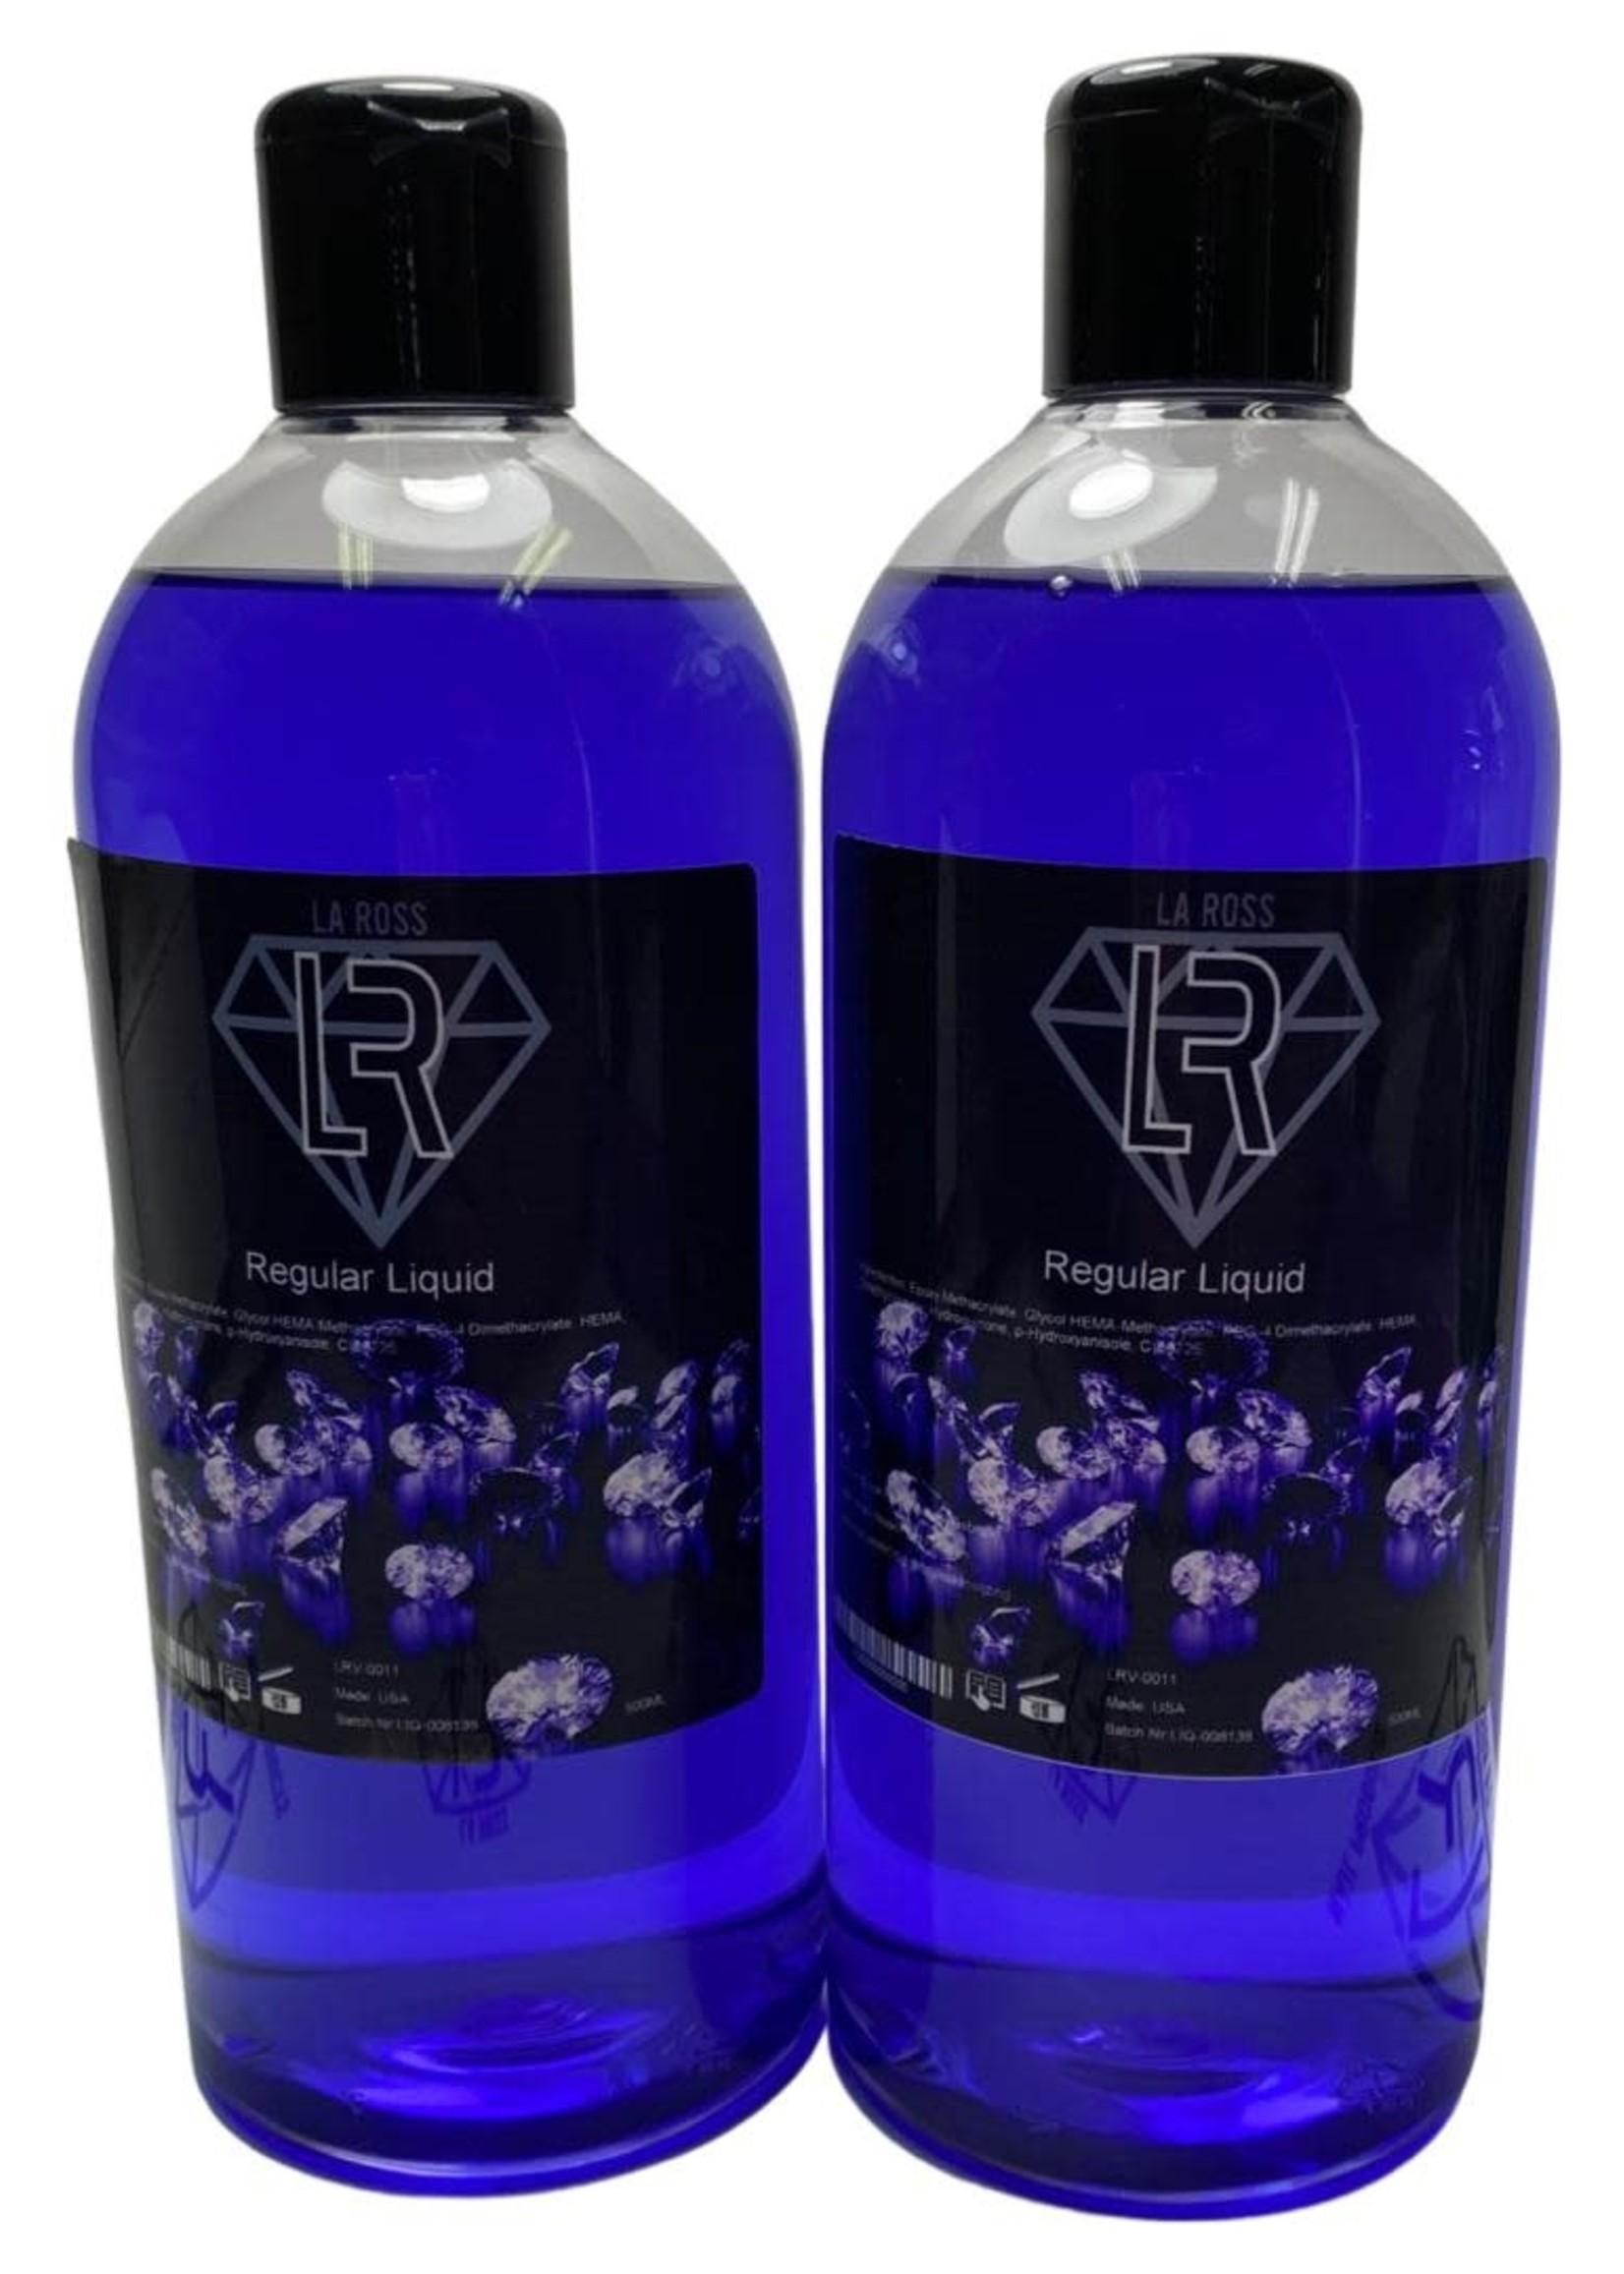 La Ross Regular Liquid